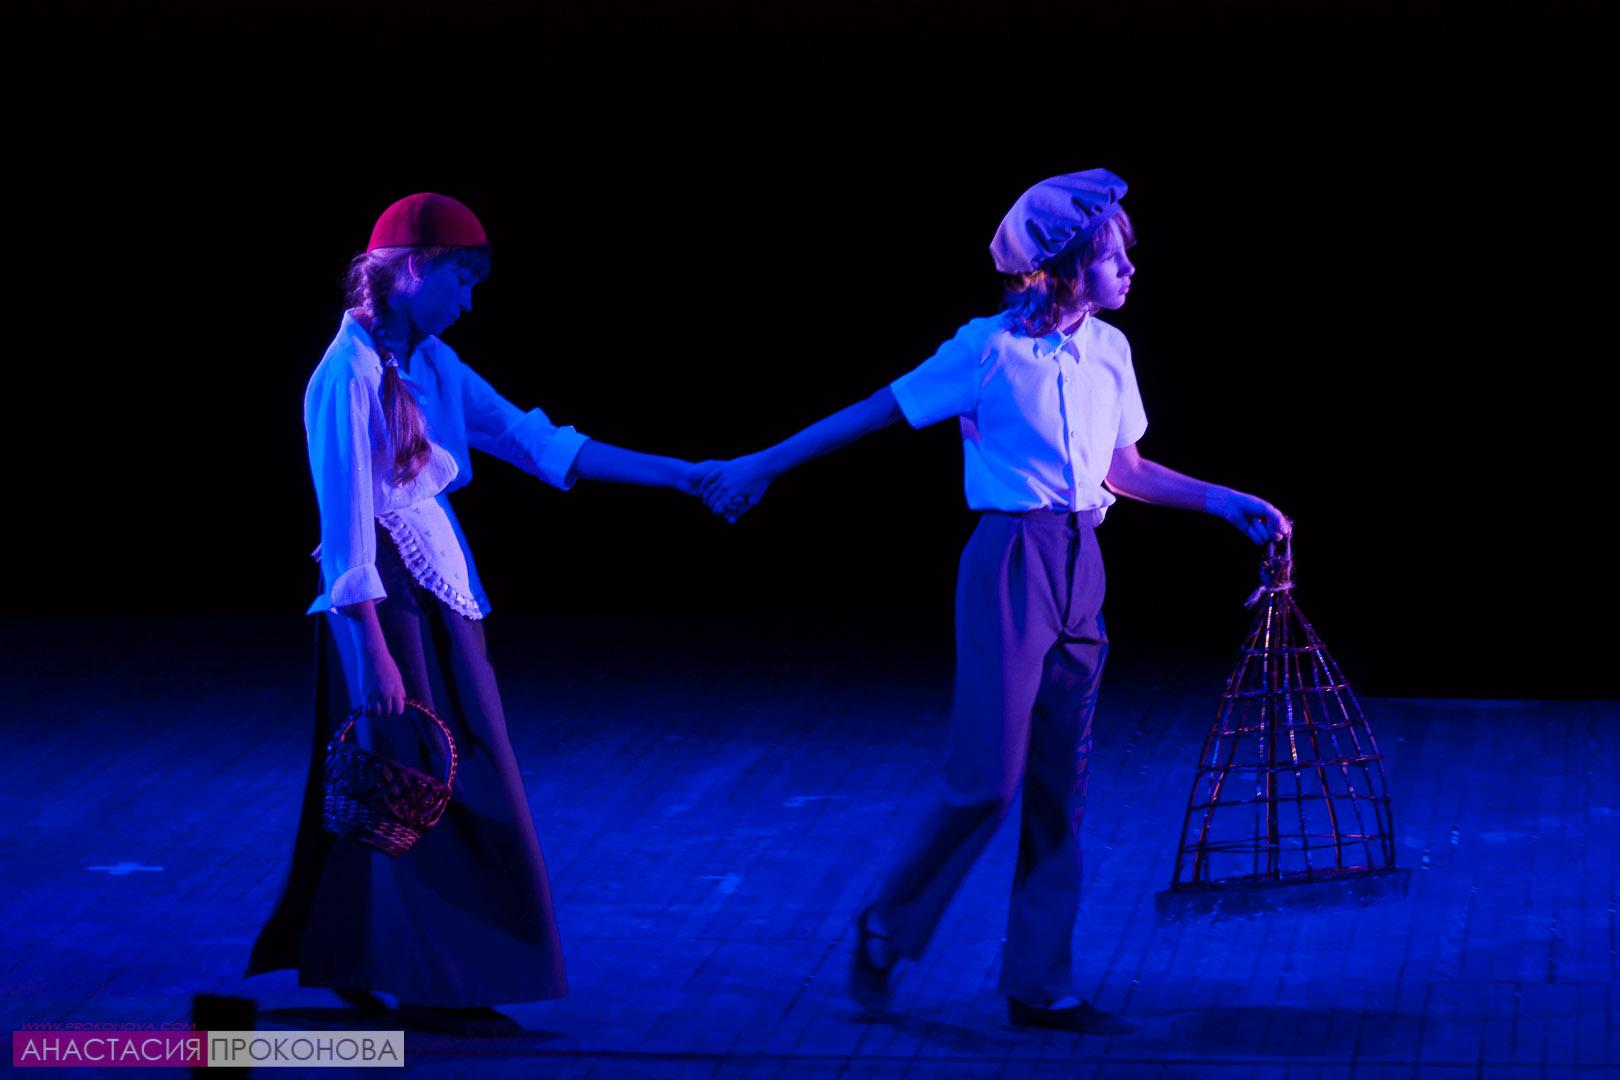 Тильтиль и Митиль - герои пьесы Метерлинка «Синяя птица»